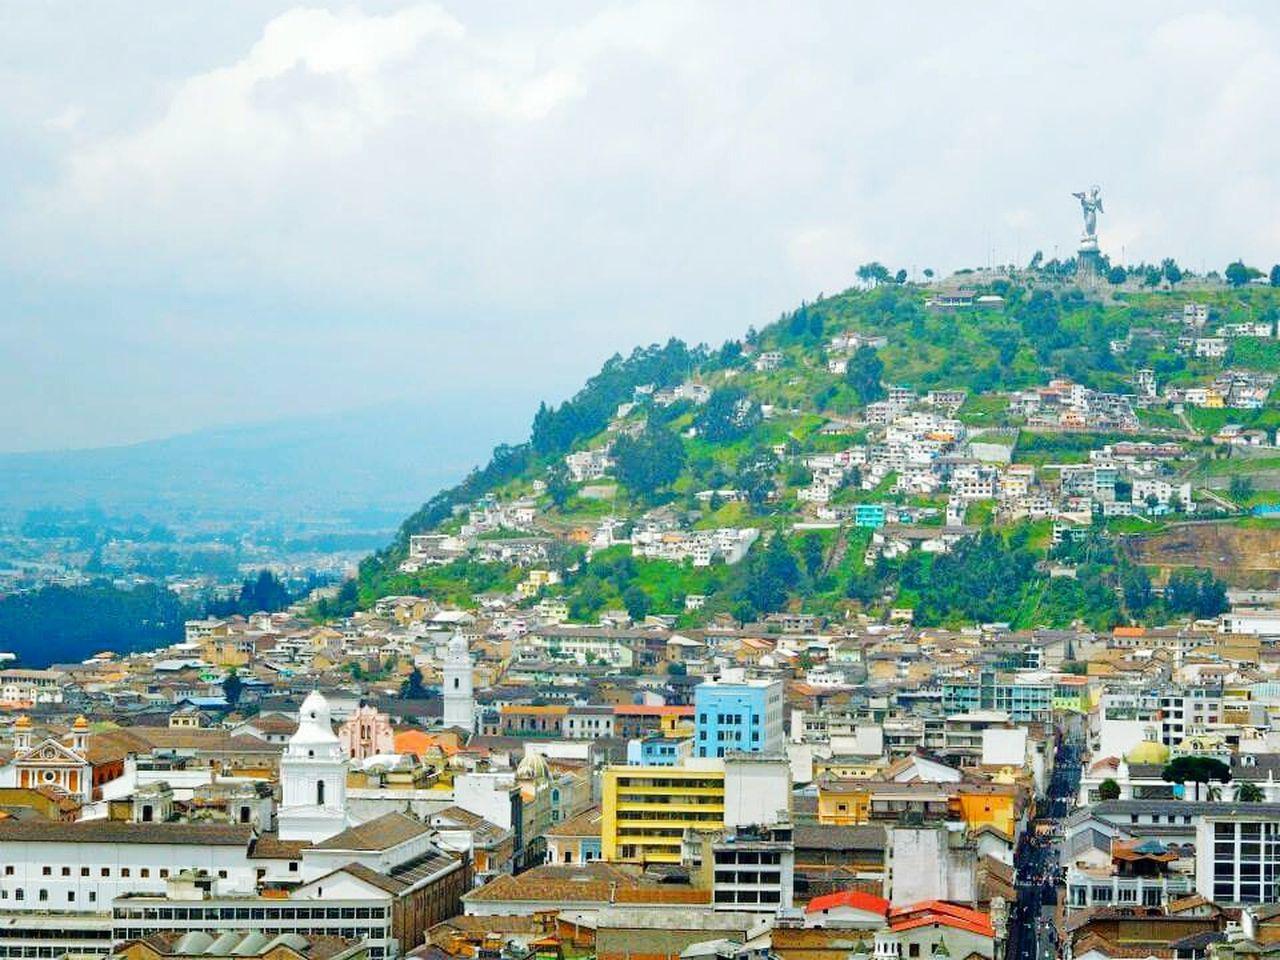 Watching over... Angel Angels Quito QuitoEcuador Quito ❤️😍 Quito Ecuador Elpanecillo El Panecillo Virgin  Ecuador Ecuador♥ Travel Destinations Travel Photography Travel Watchingover Traveltheworld